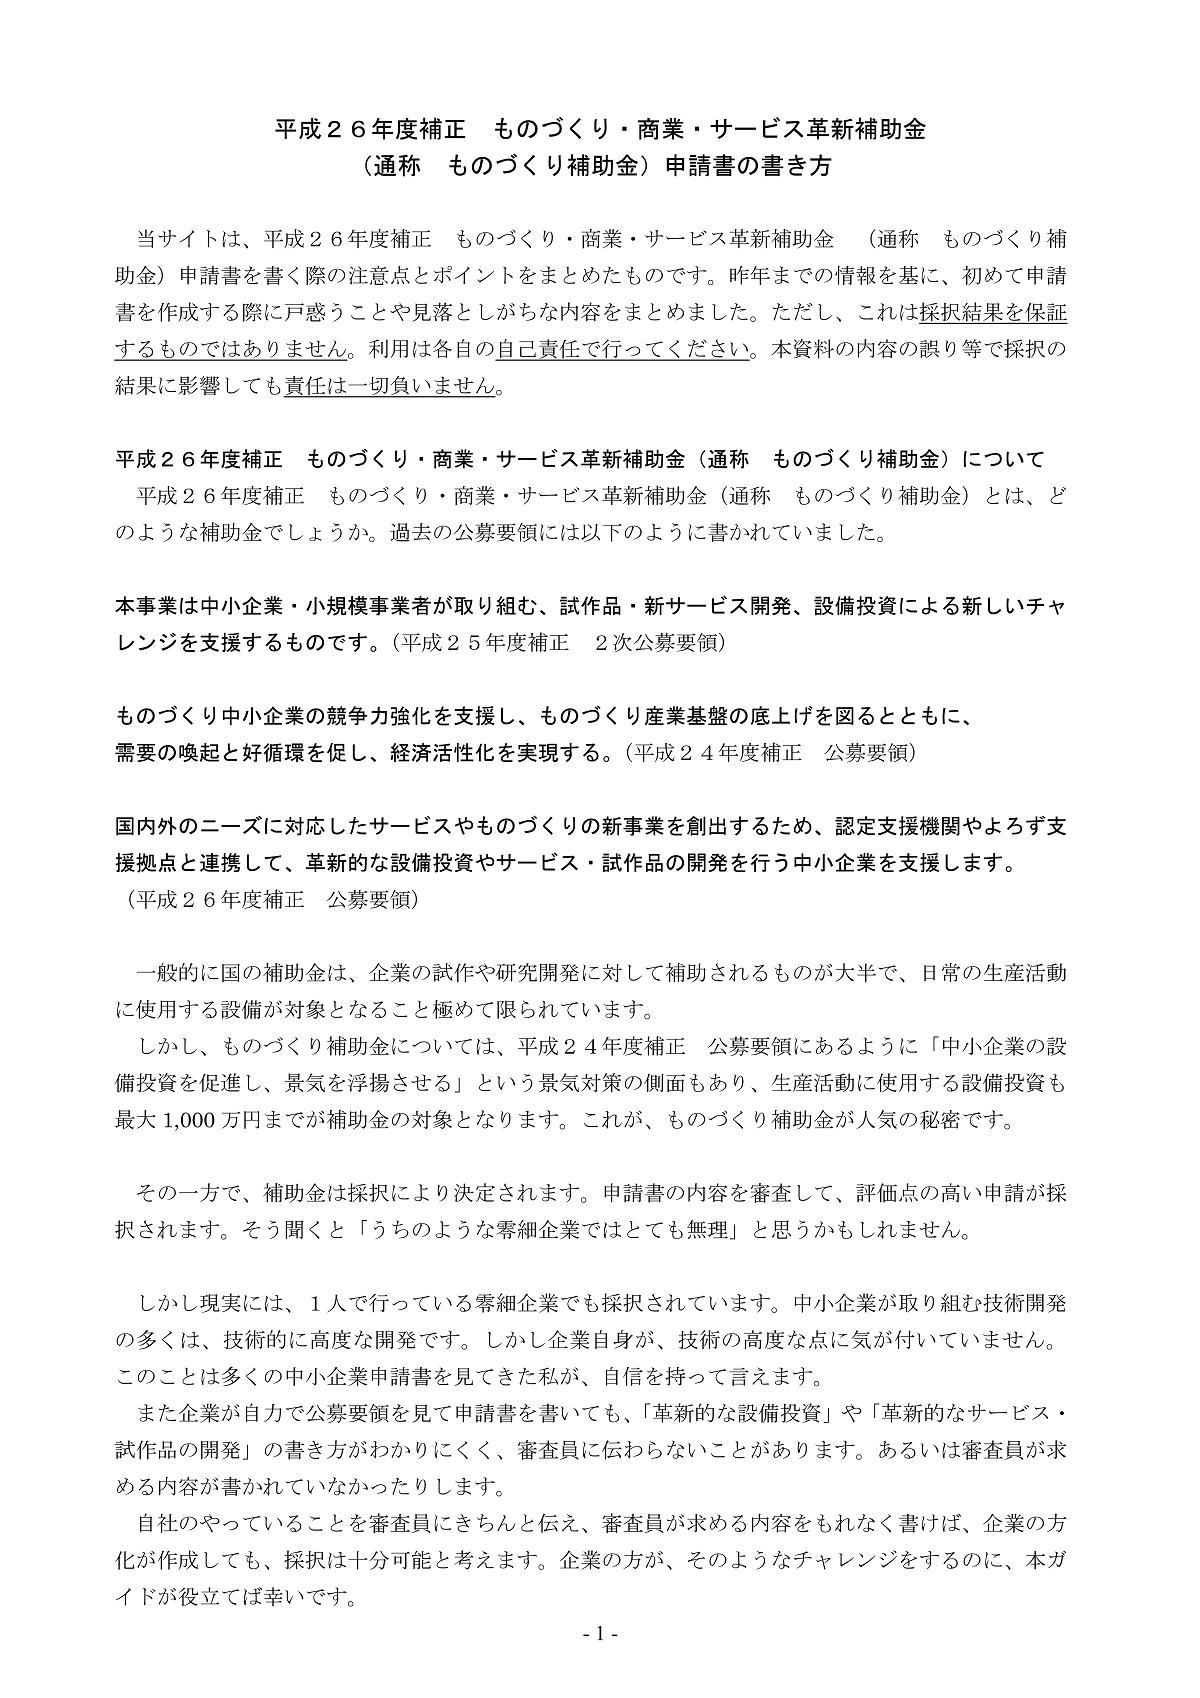 ものづくり補助金申請書作成ガイド サンプル1